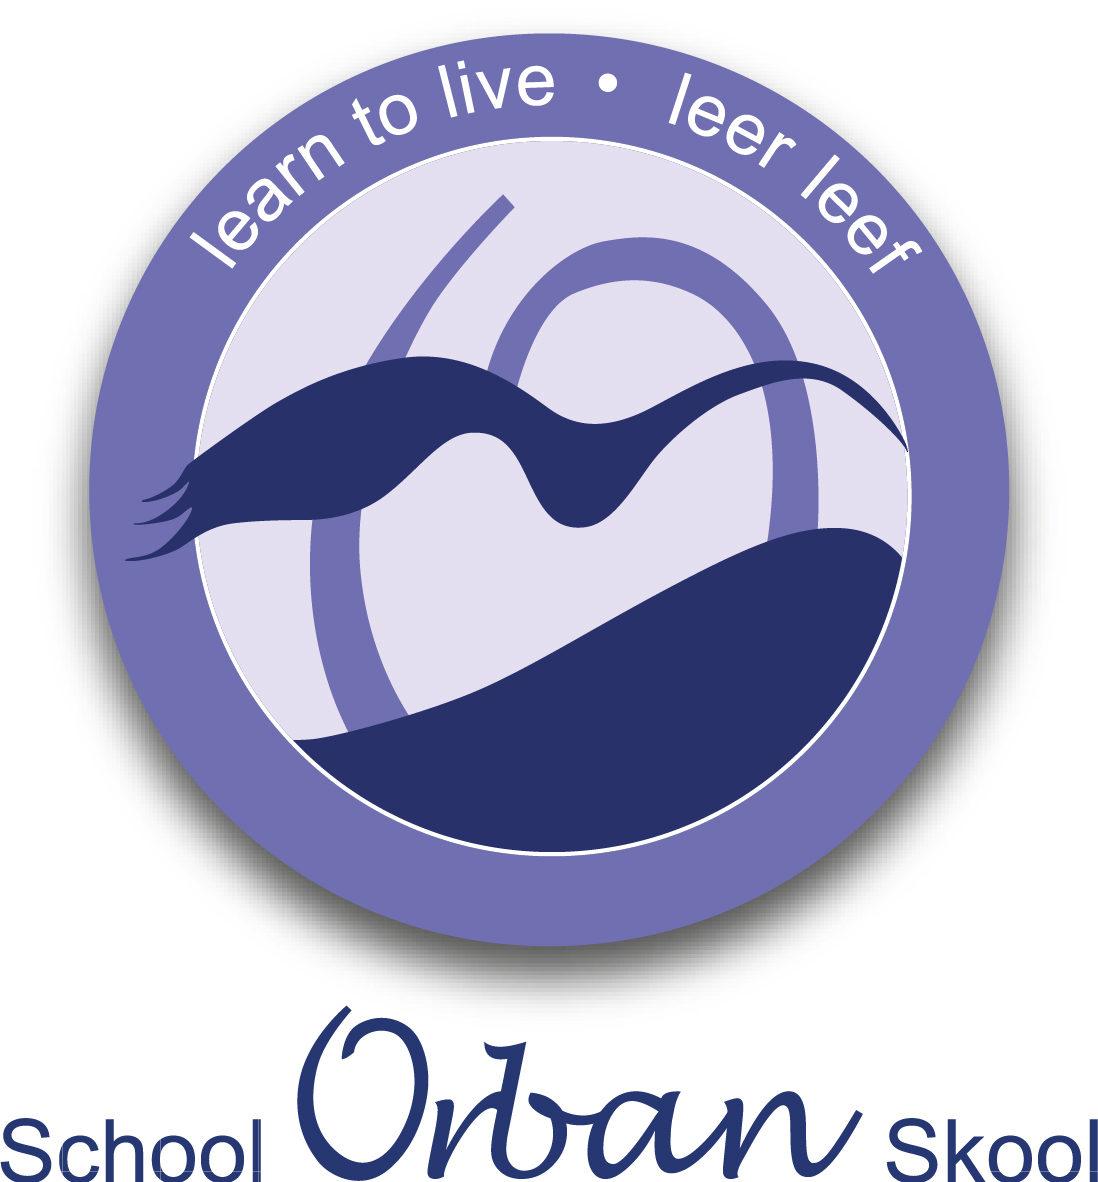 Orbanskool  |  Orban School